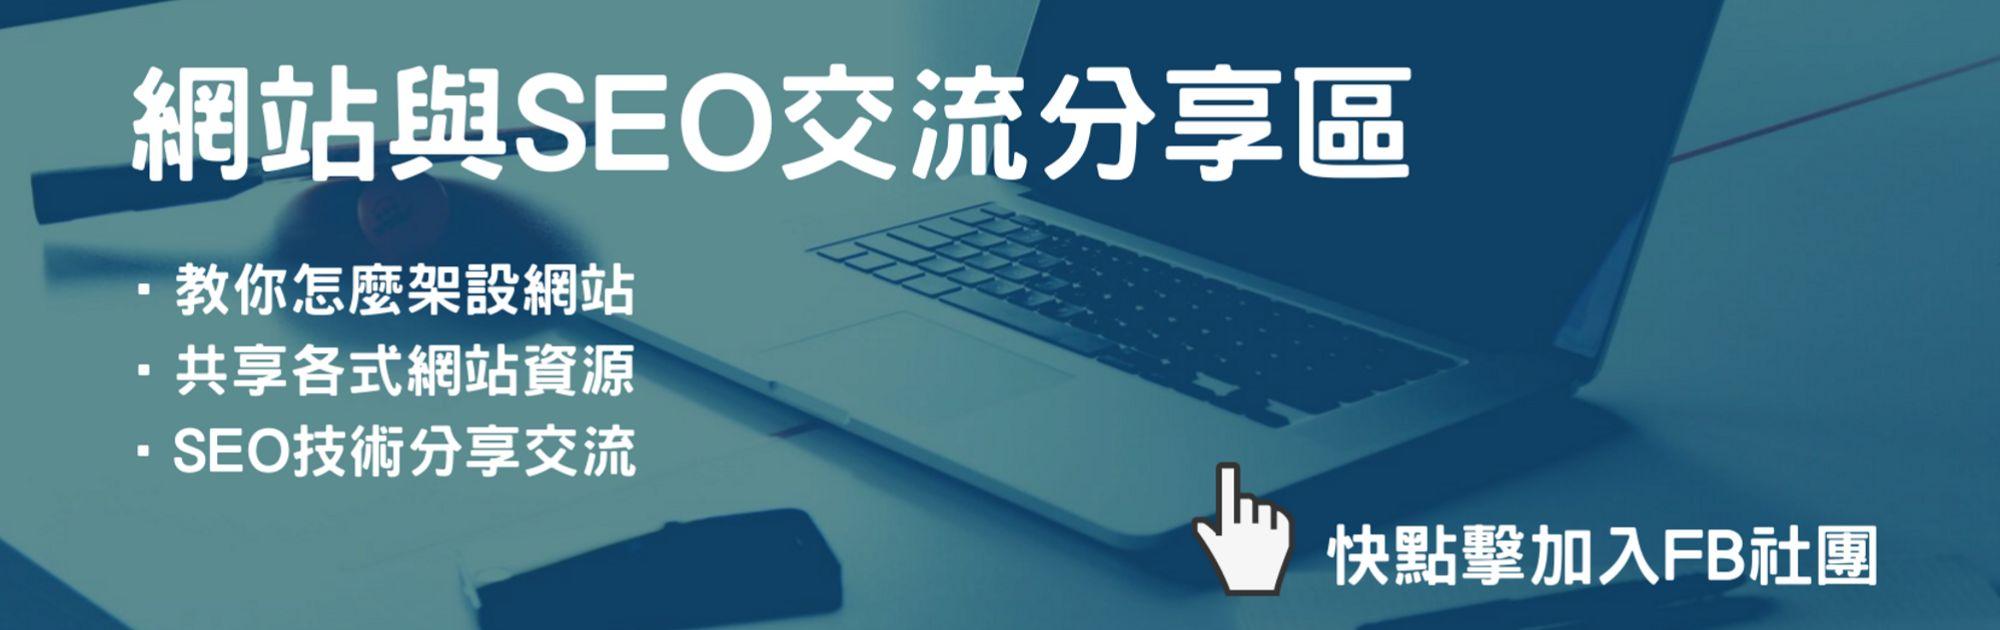 網站與SEO交流分享區